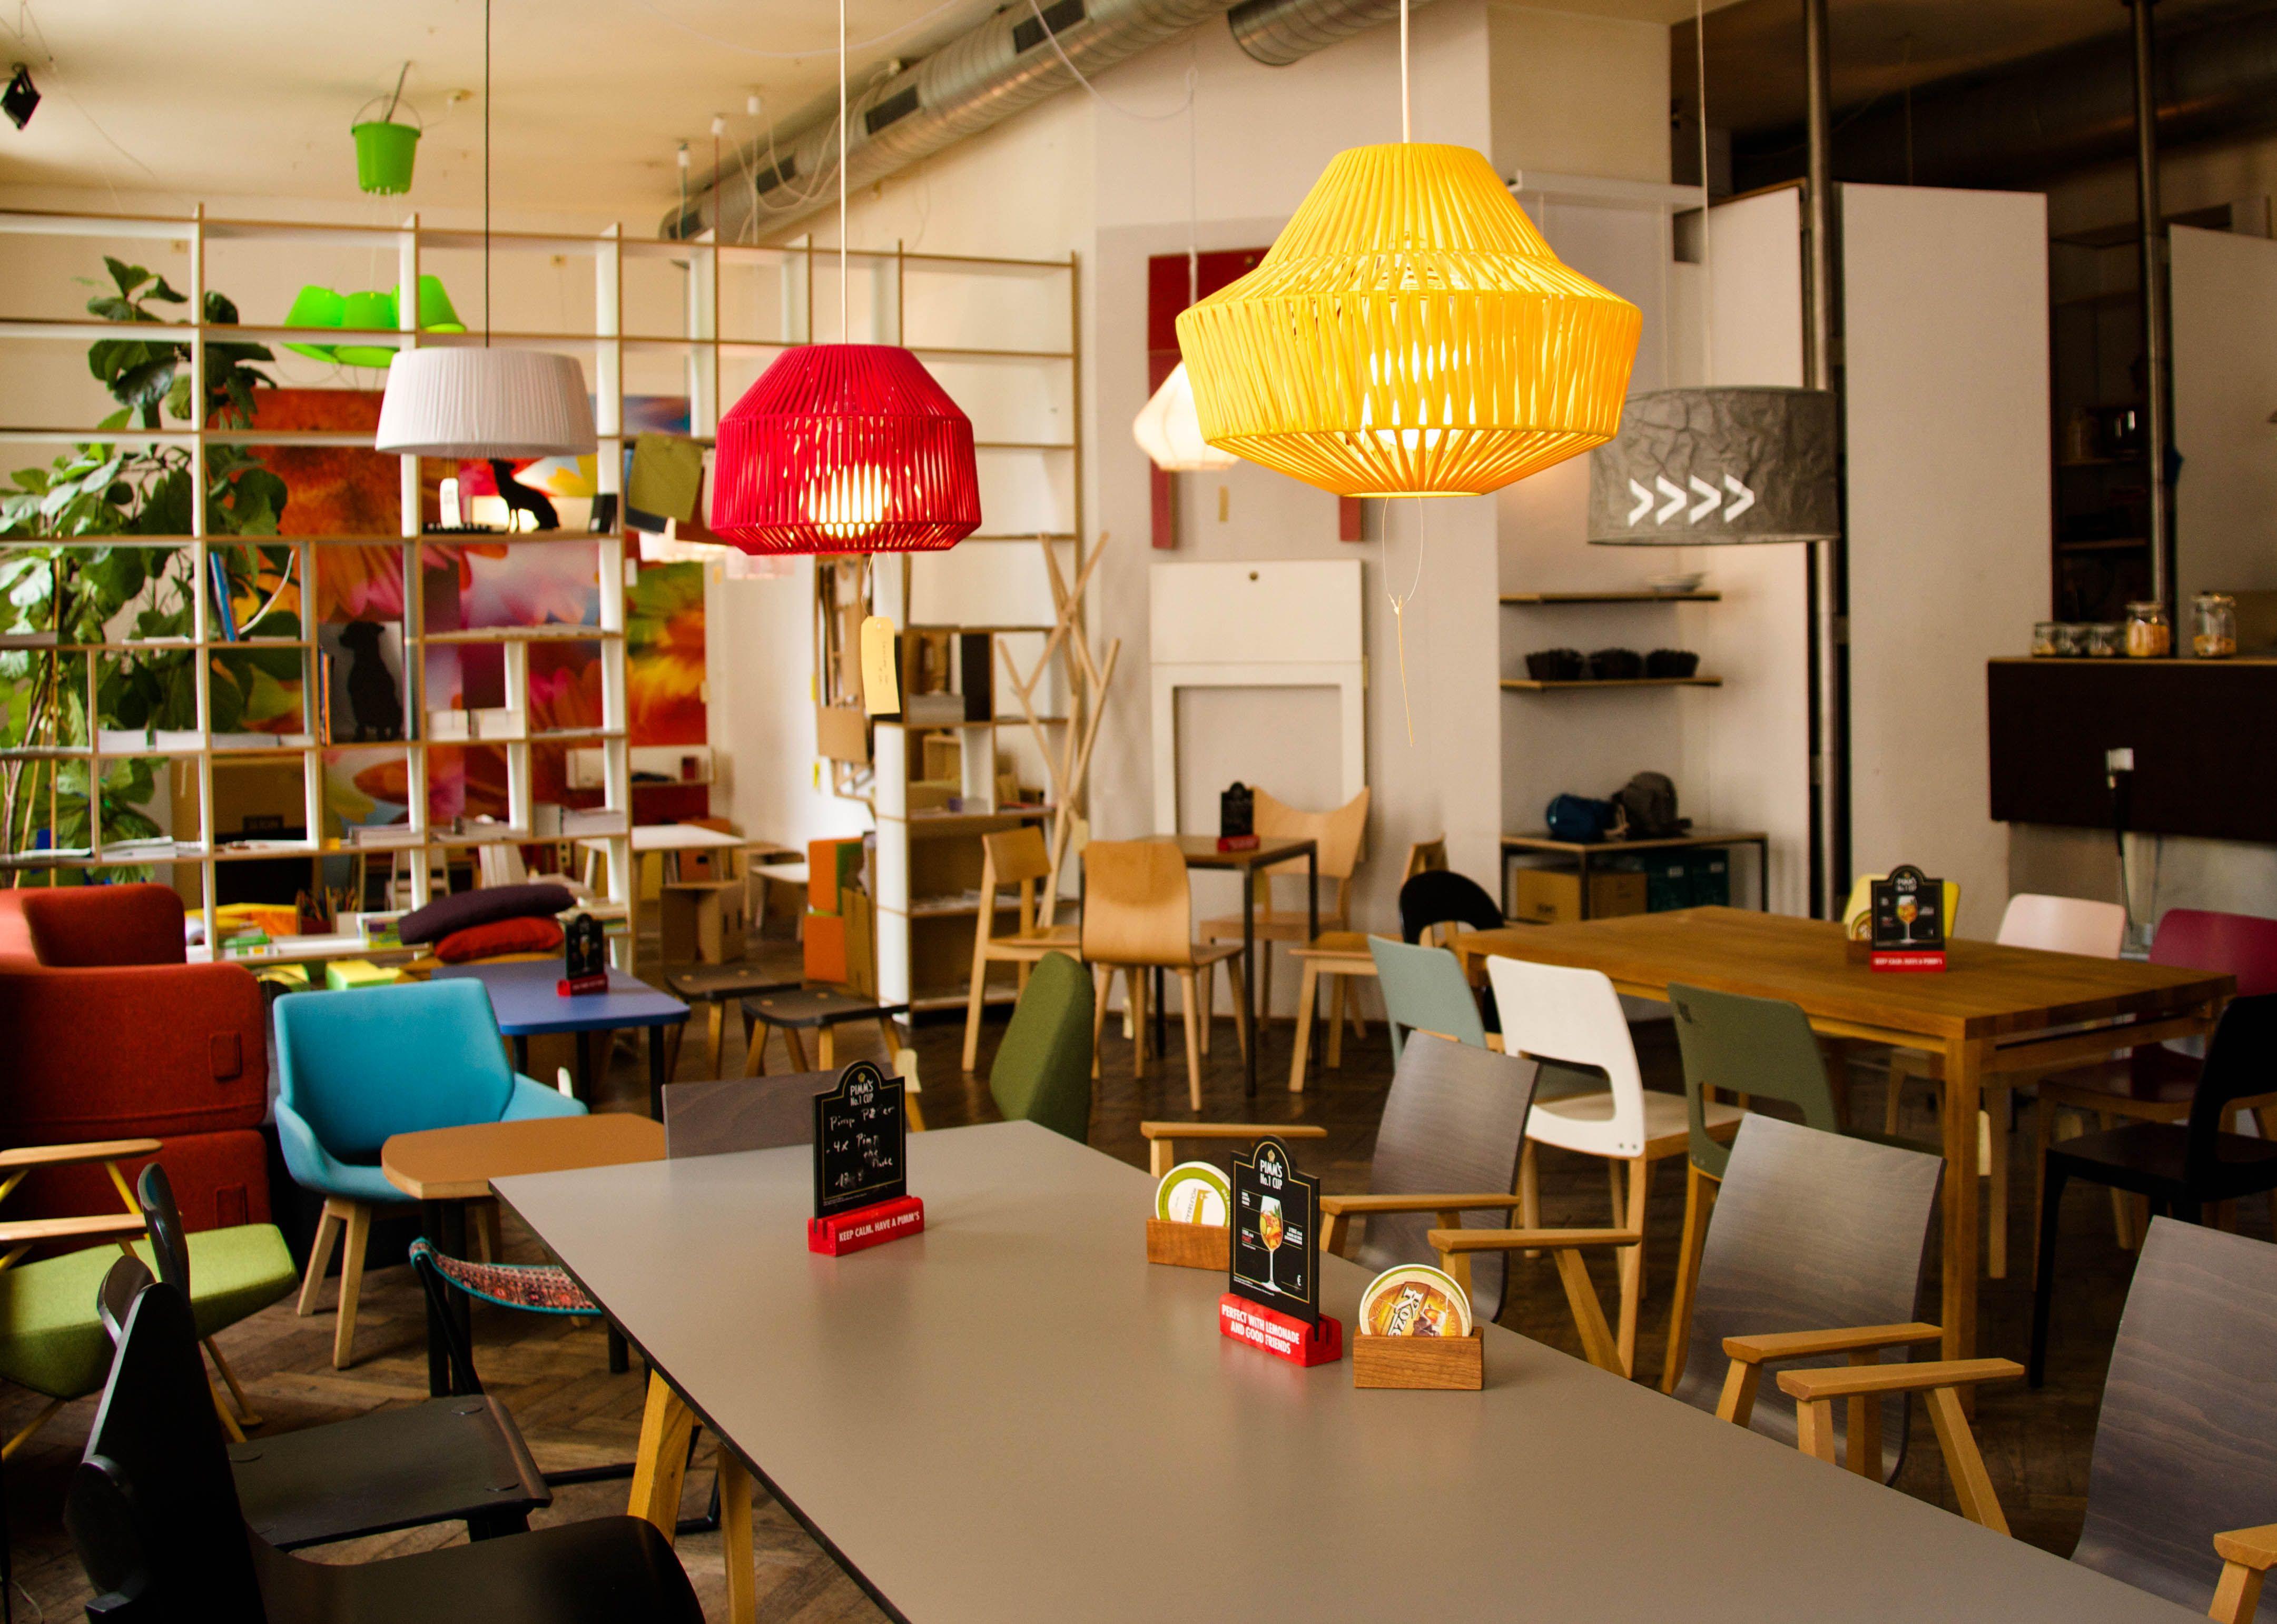 Das Möbel das möbel best coffee houses in vienna vienna